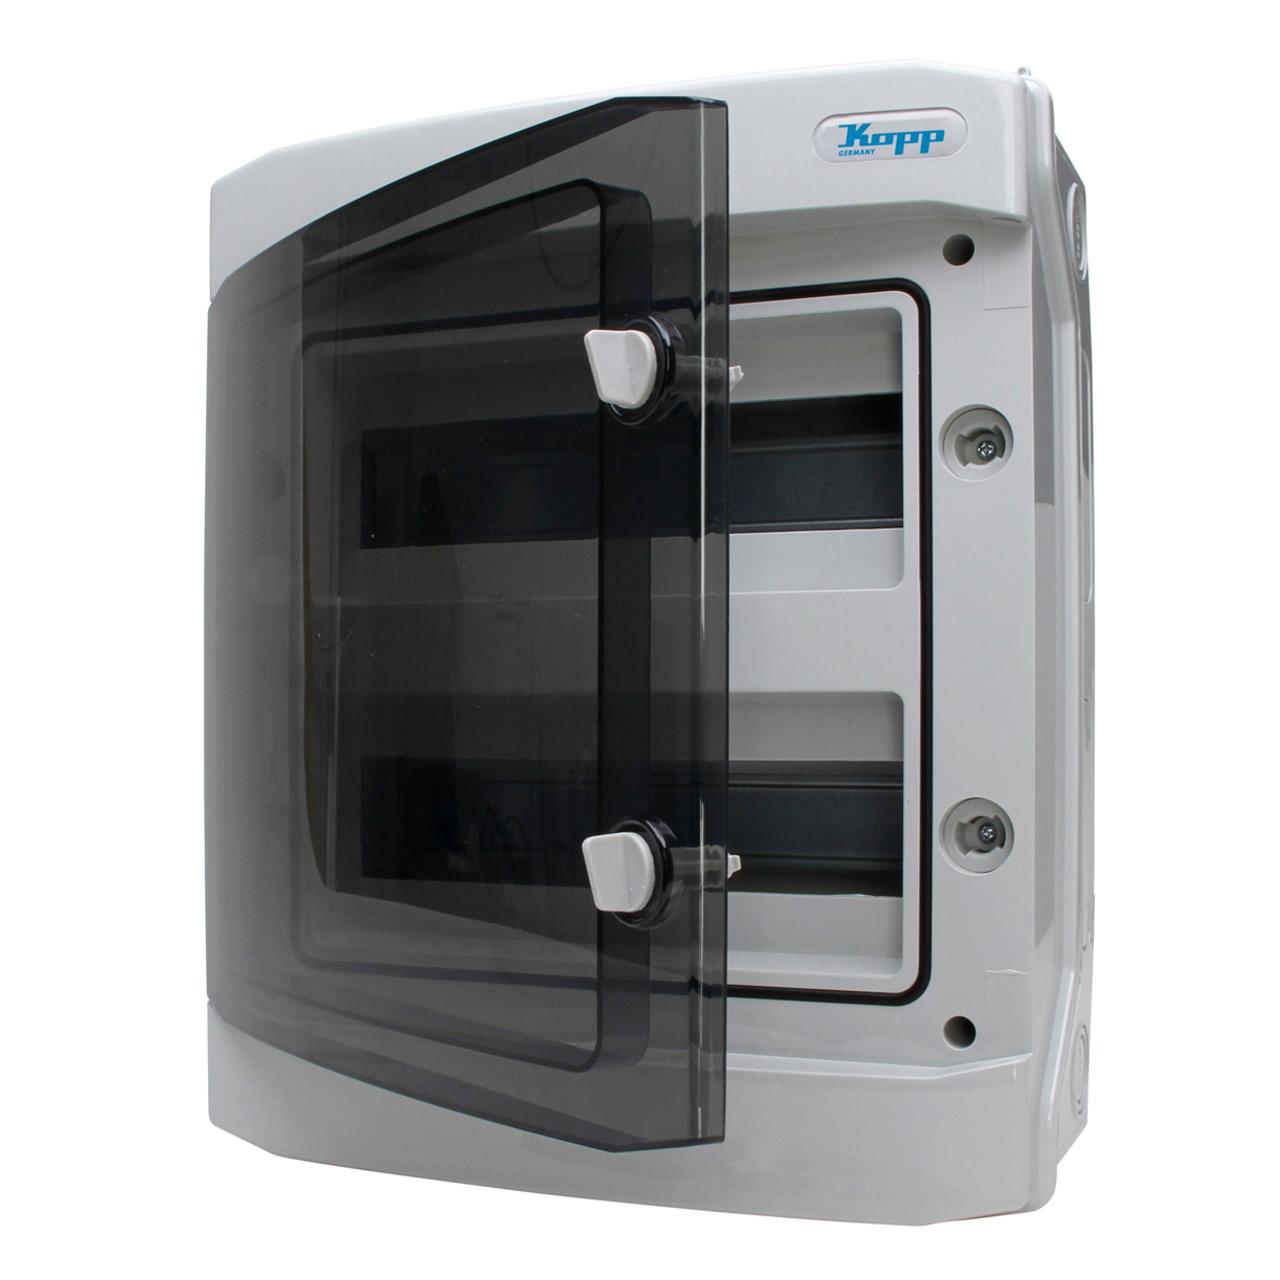 Kopp Feuchtraum-Aufputz-Verteilerkasten mit Tür- IP65- 2-reihig